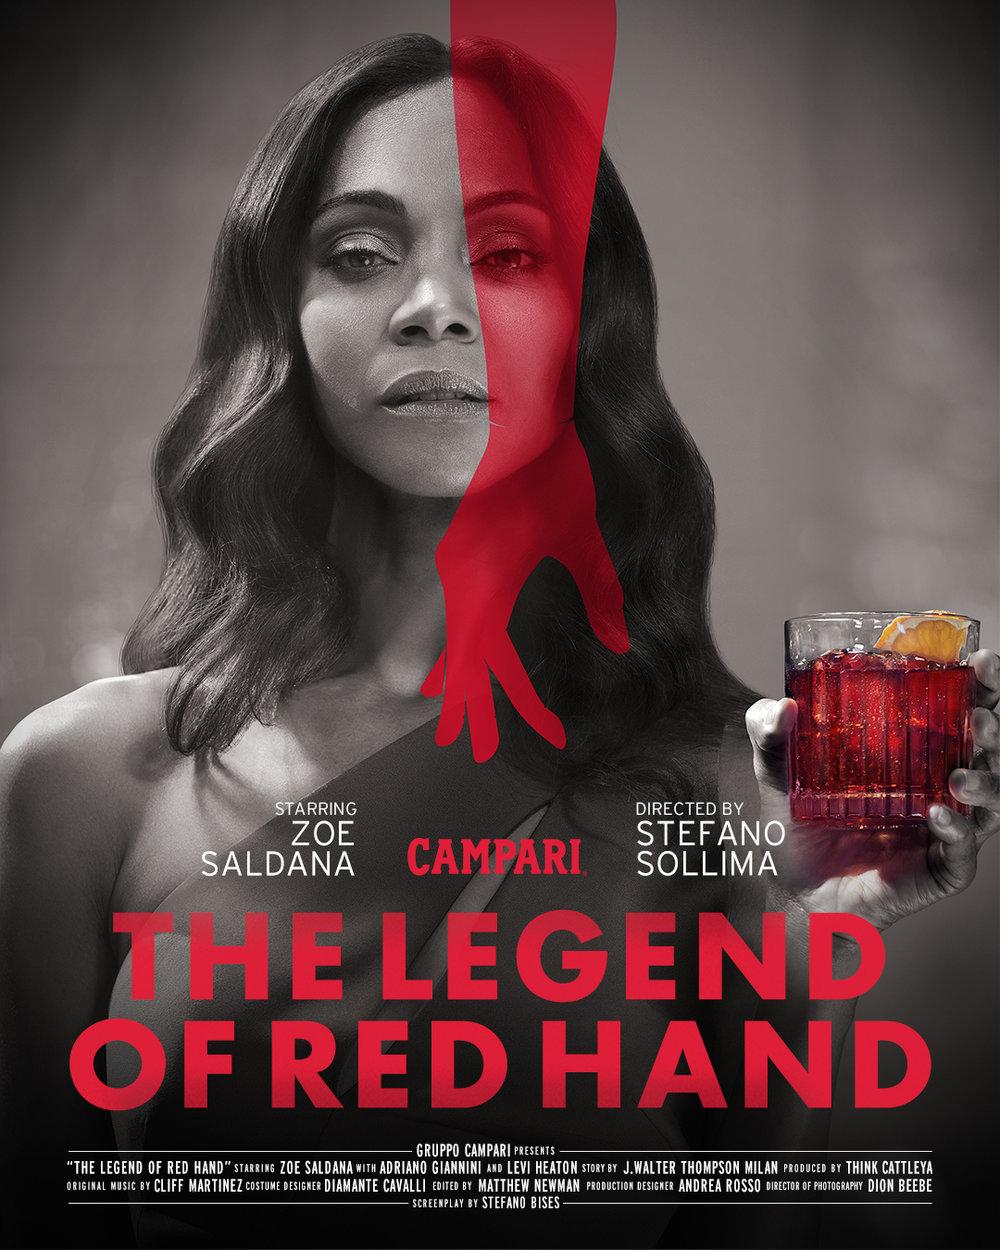 Zoe Saldana - The Legend of Red Hand